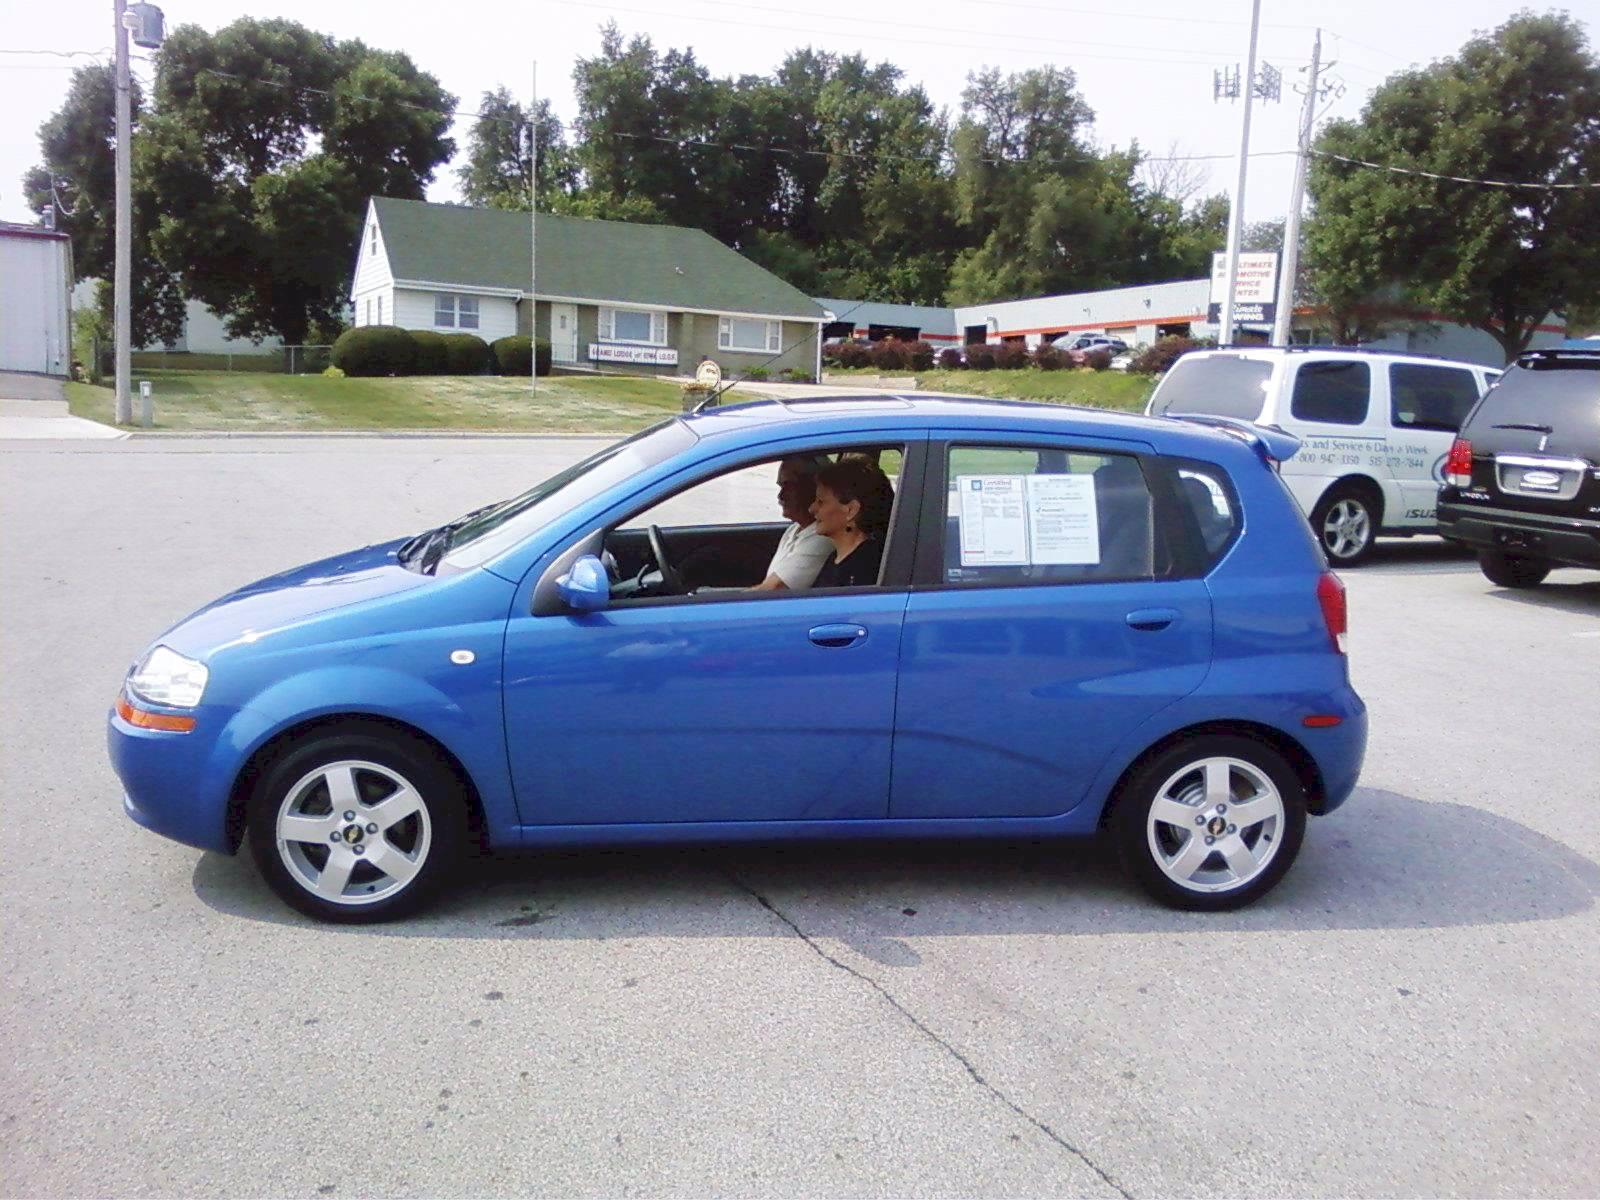 Kelebihan Kekurangan Chevrolet Aveo 2006 Review